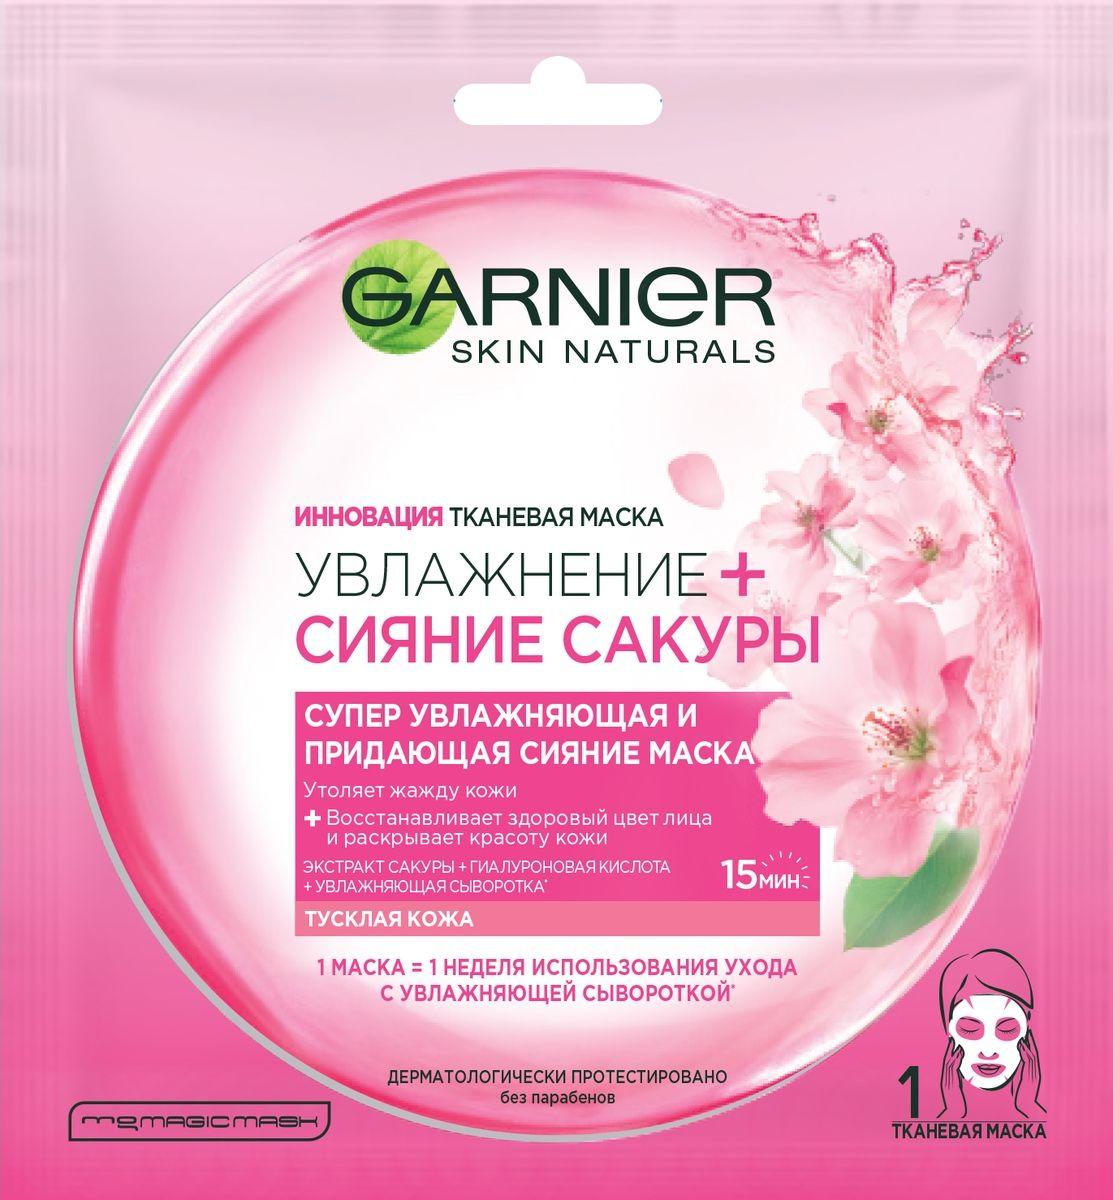 Маска для лица Garnier Увлажнение + Сияние Сакуры, тканевая, увлажняющая, для тусклой кожи, 32 гр garnier маска тканевая комфорт для сухой и чувствительной кожи 32 г